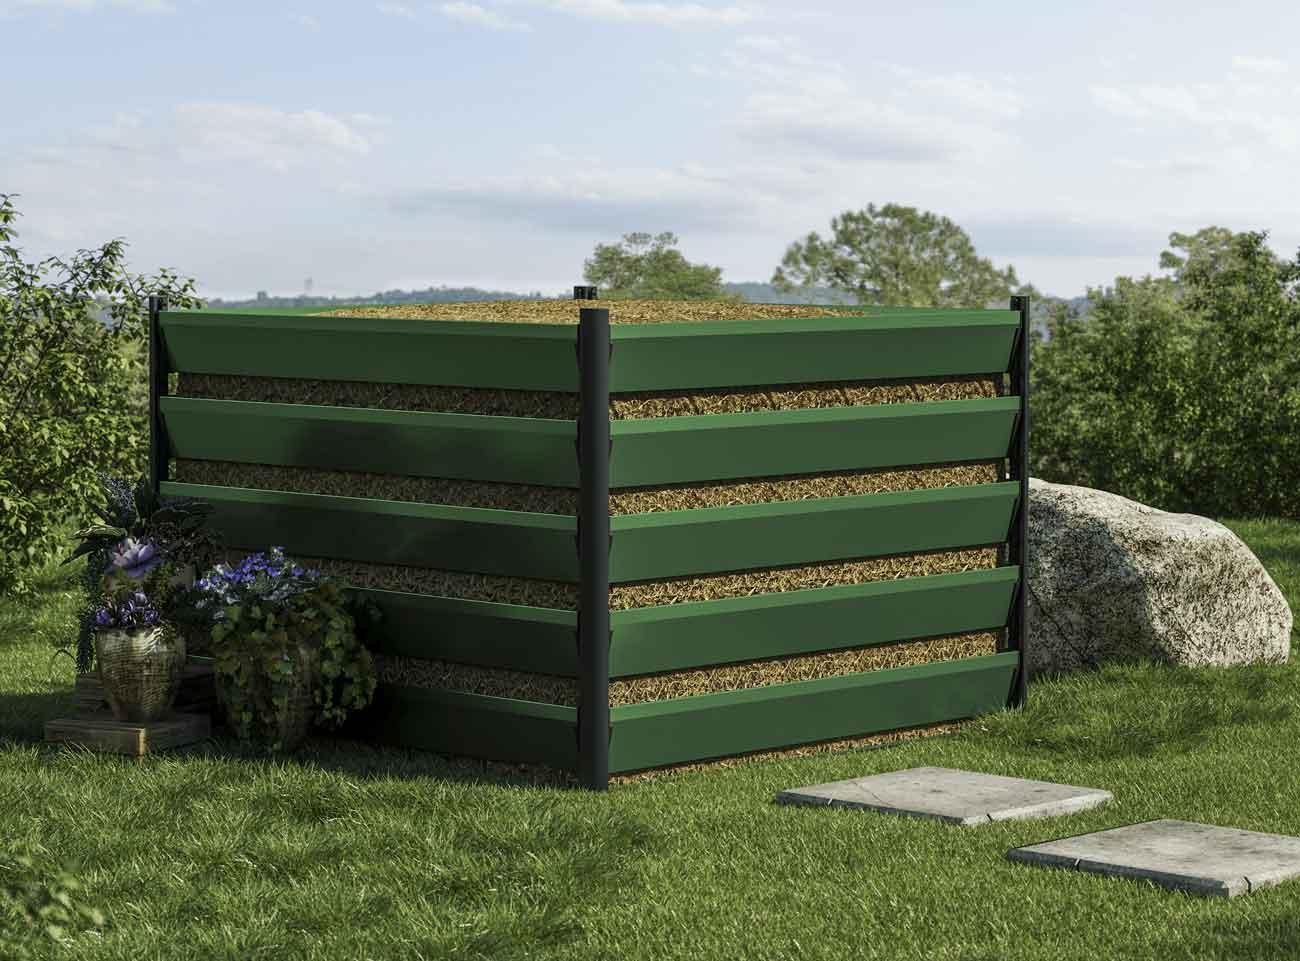 komposter-150x150-5h-gruen-geschlossen_1